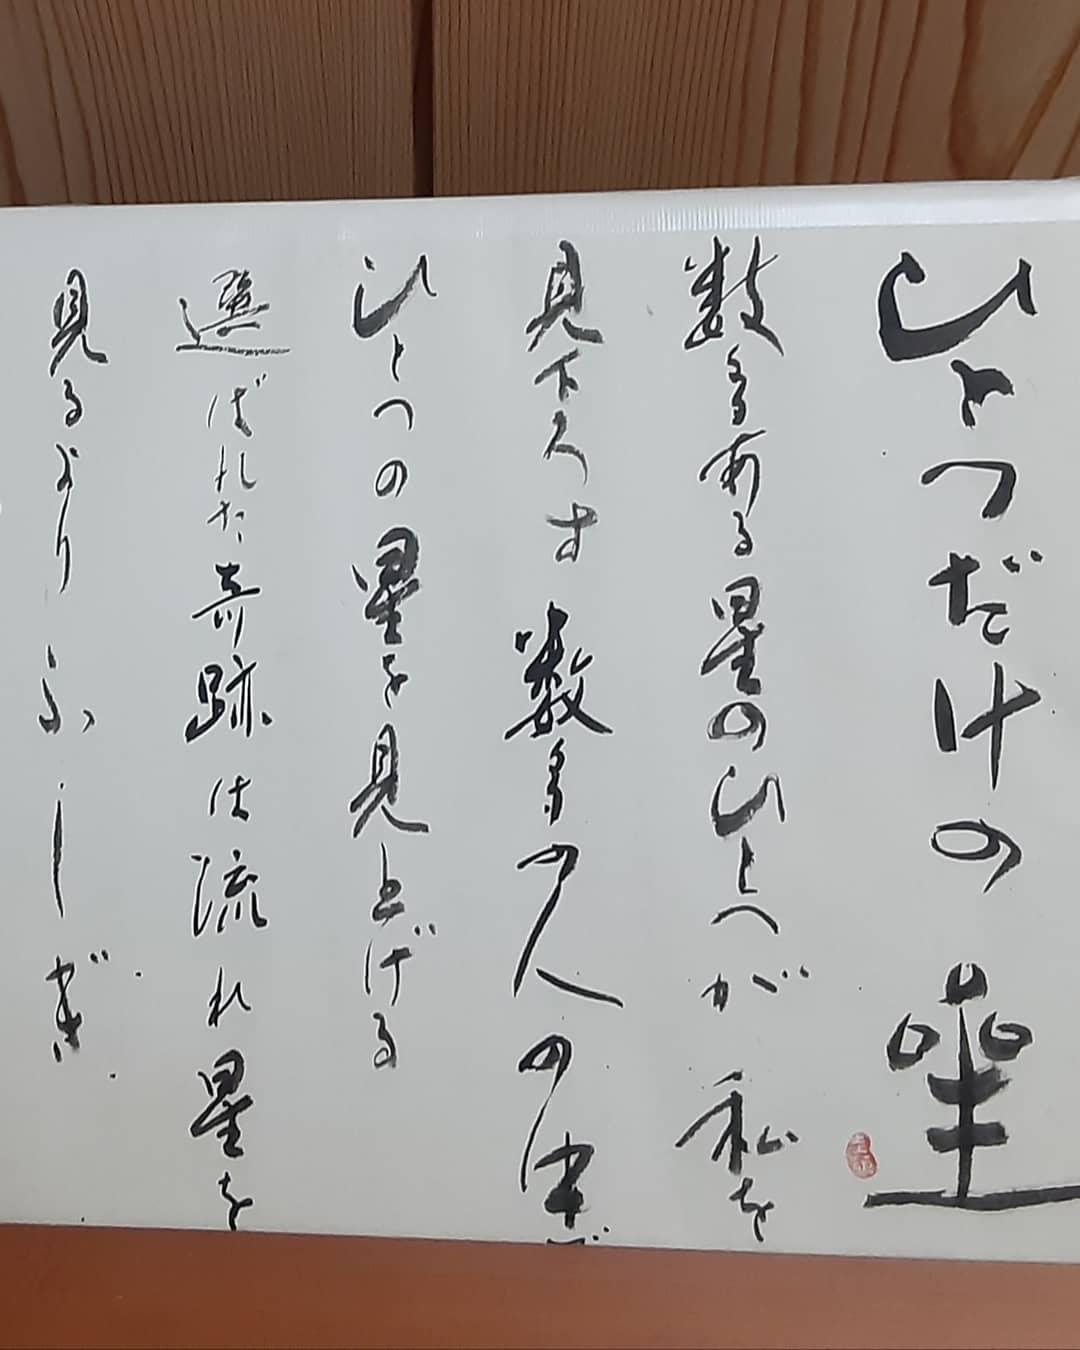 友人の書家加藤圭葩先生が詩を書にしてくださりサロン灯に掲げました✨